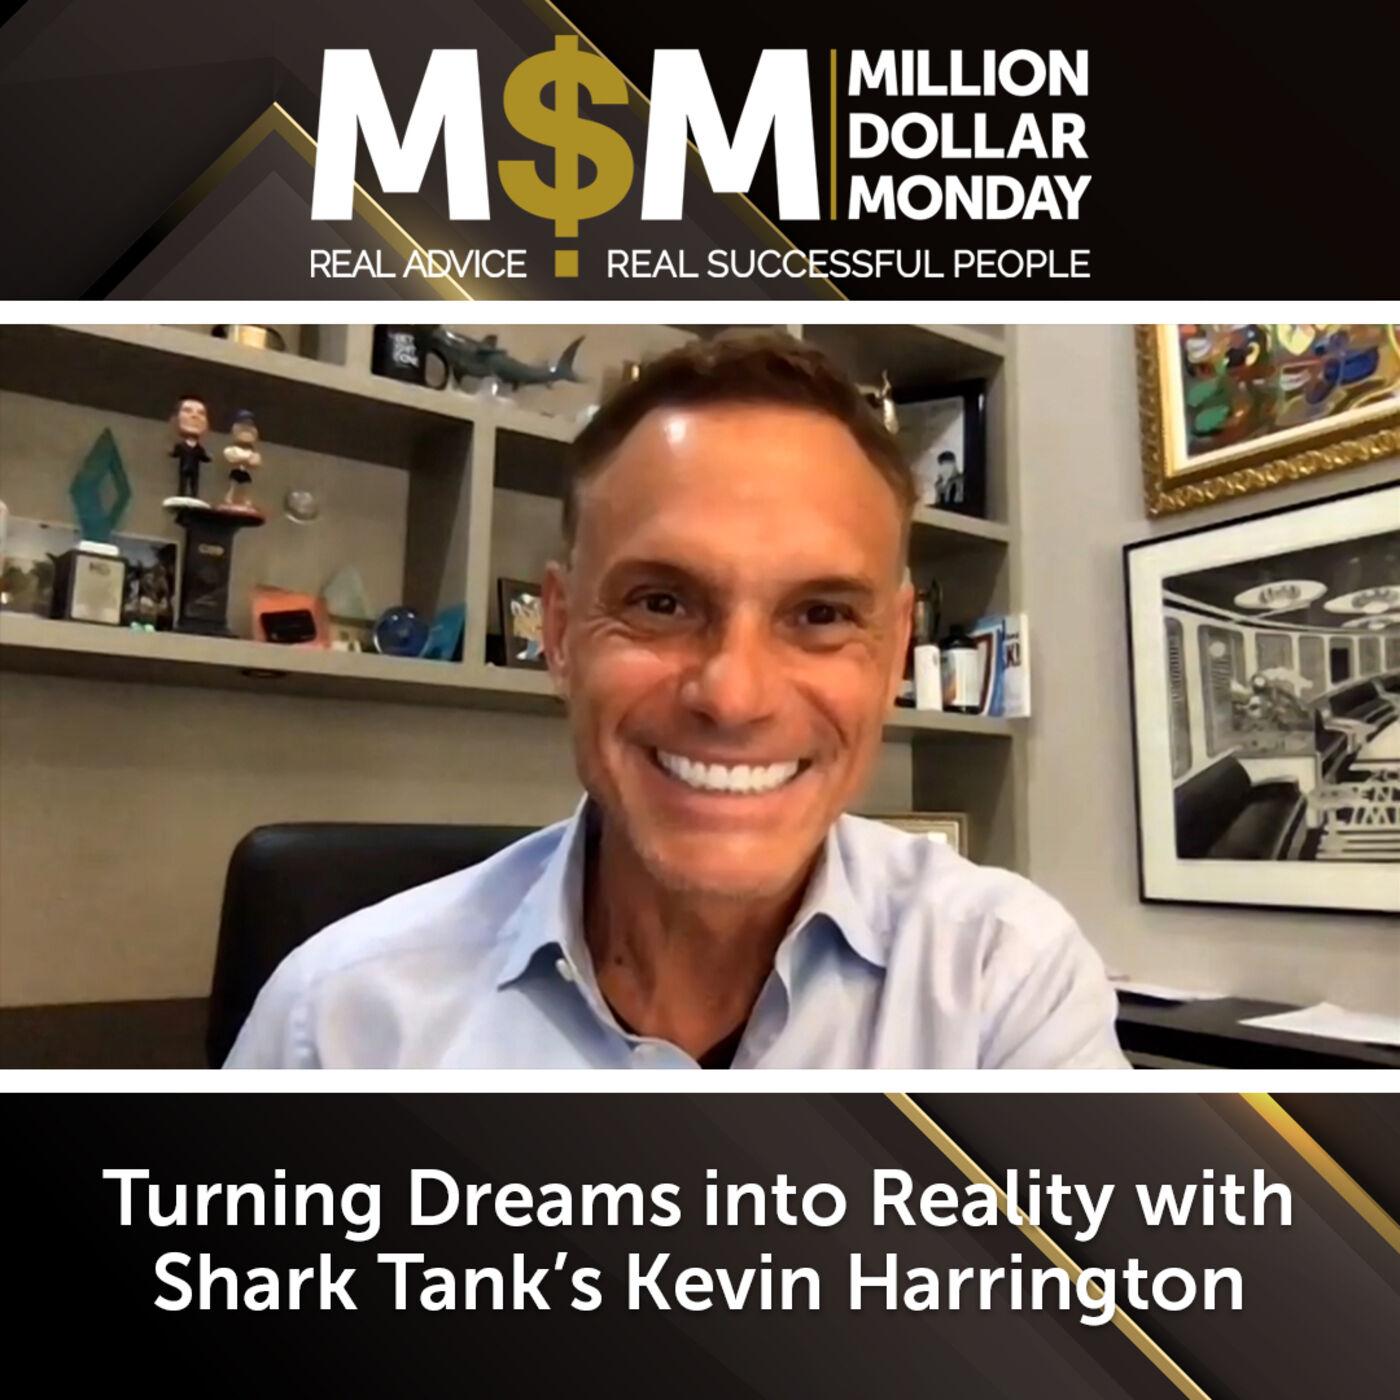 Turning Dreams into Reality with Shark Tank's Kevin Harrington